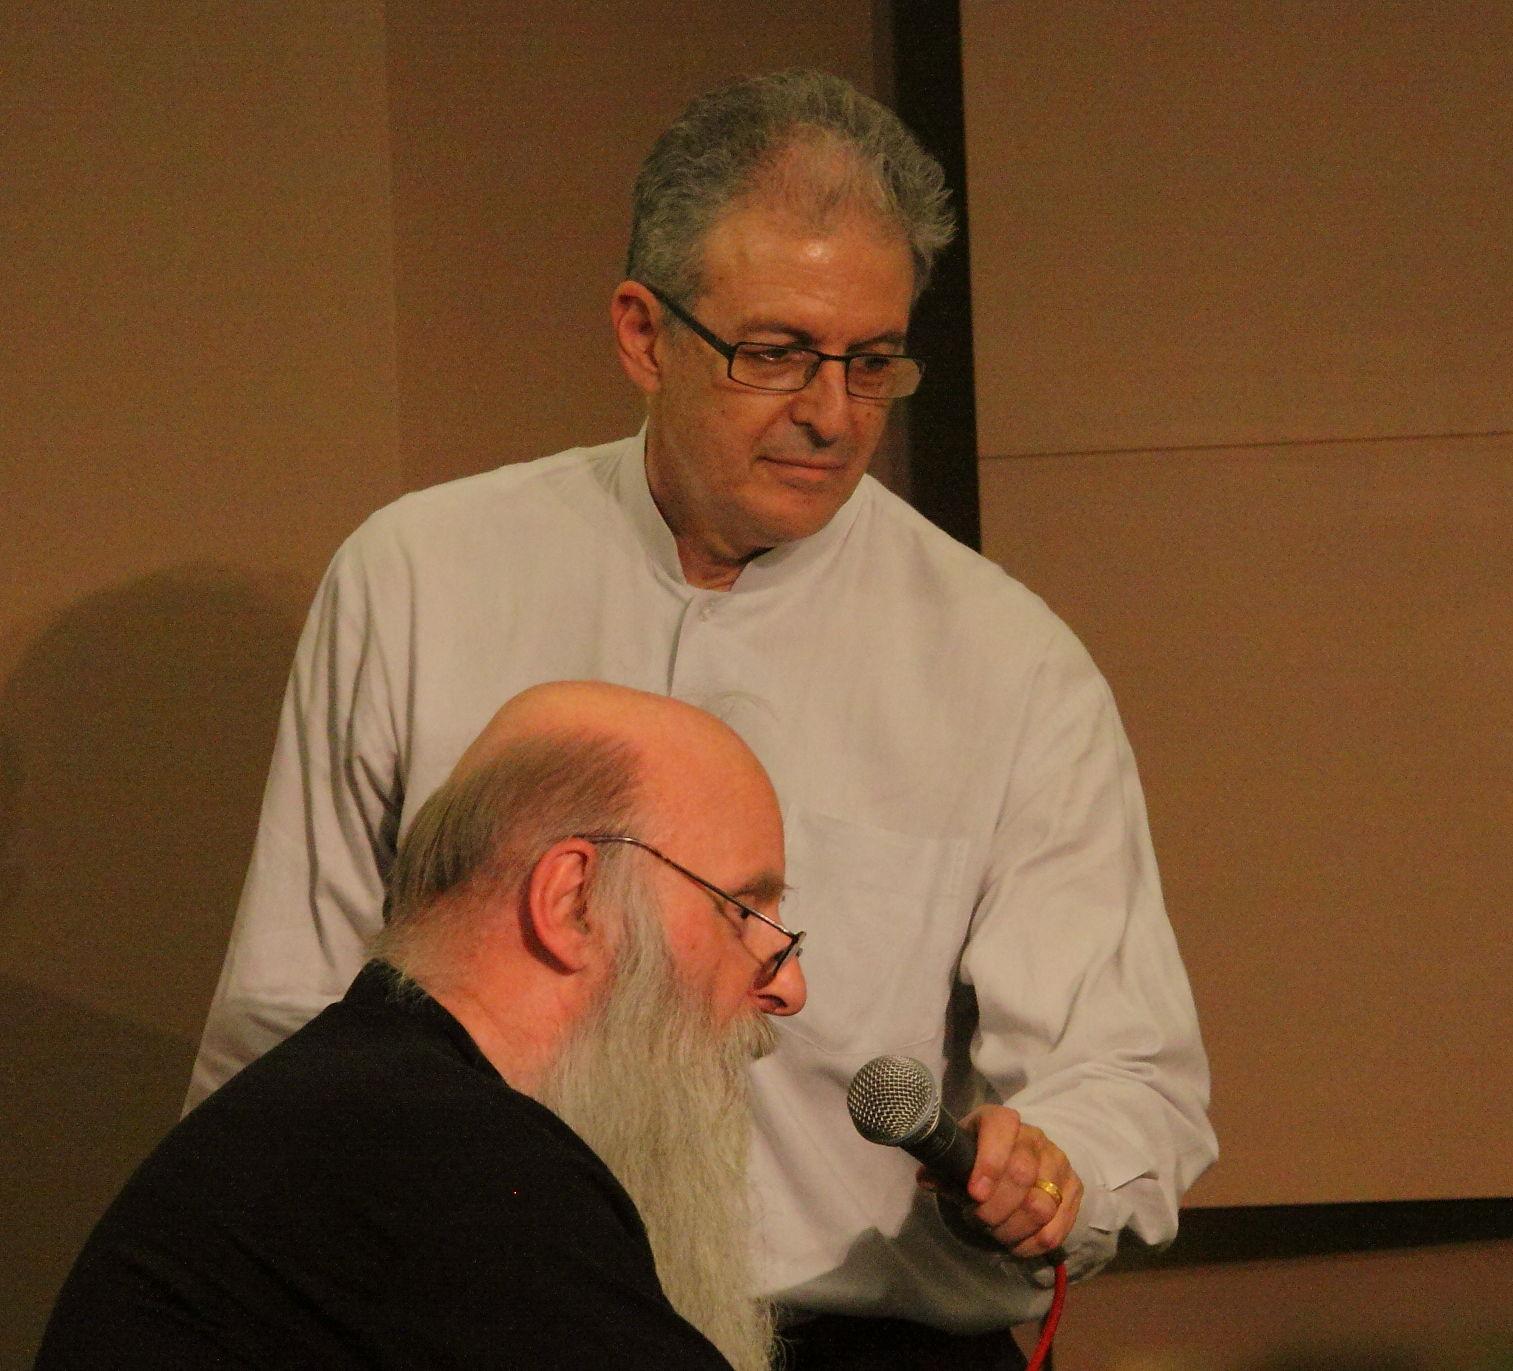 Charles Amirkhanian with Rex Lawson